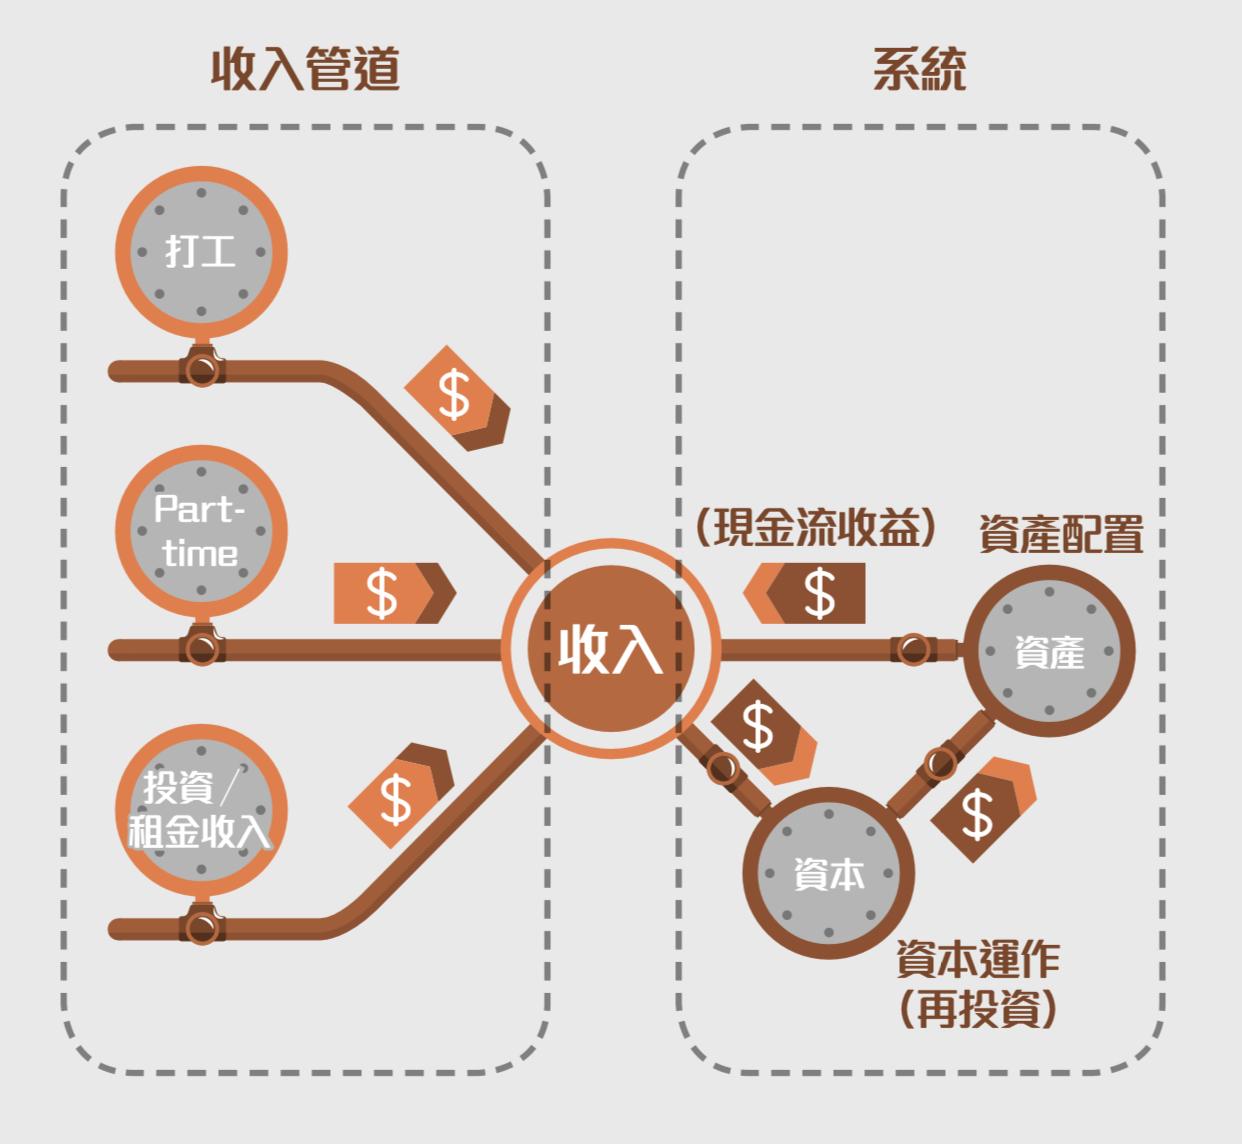 Starman 投資世界 : 《現金流為王2》導讀 -- 「現金流為王」的投資理念